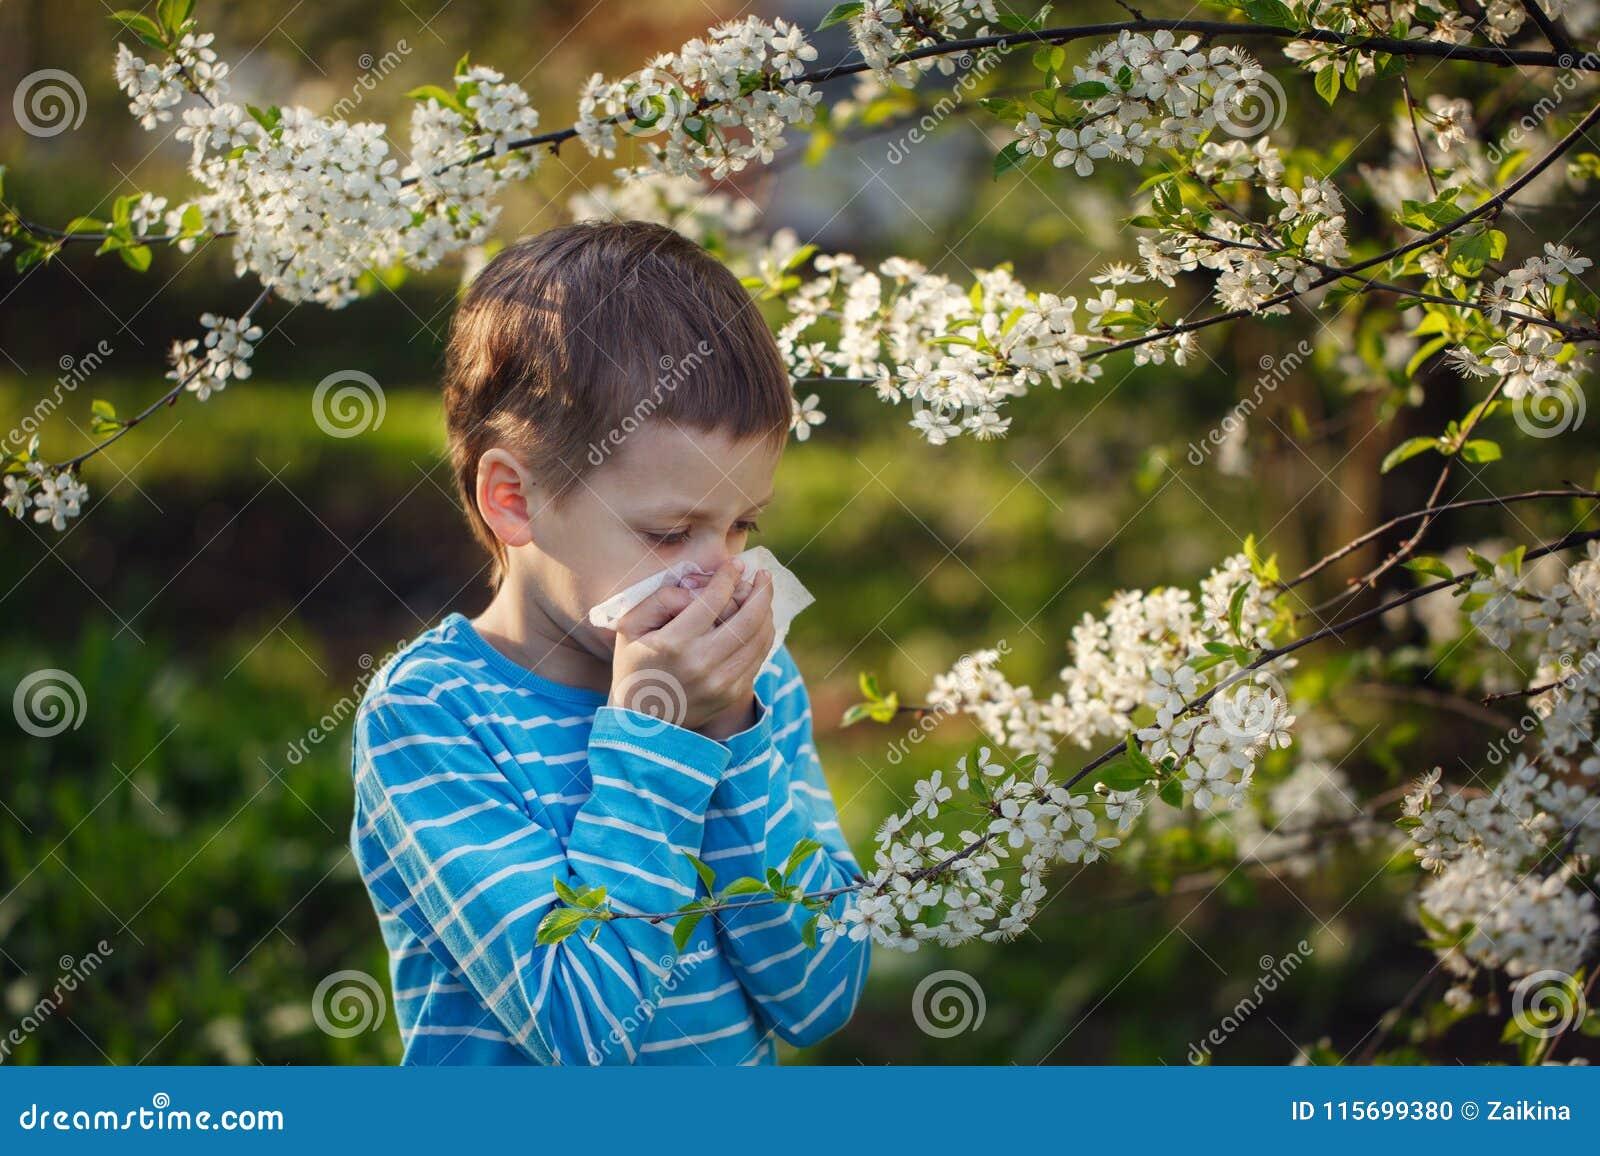 小男孩打喷嚏由于过敏到花粉